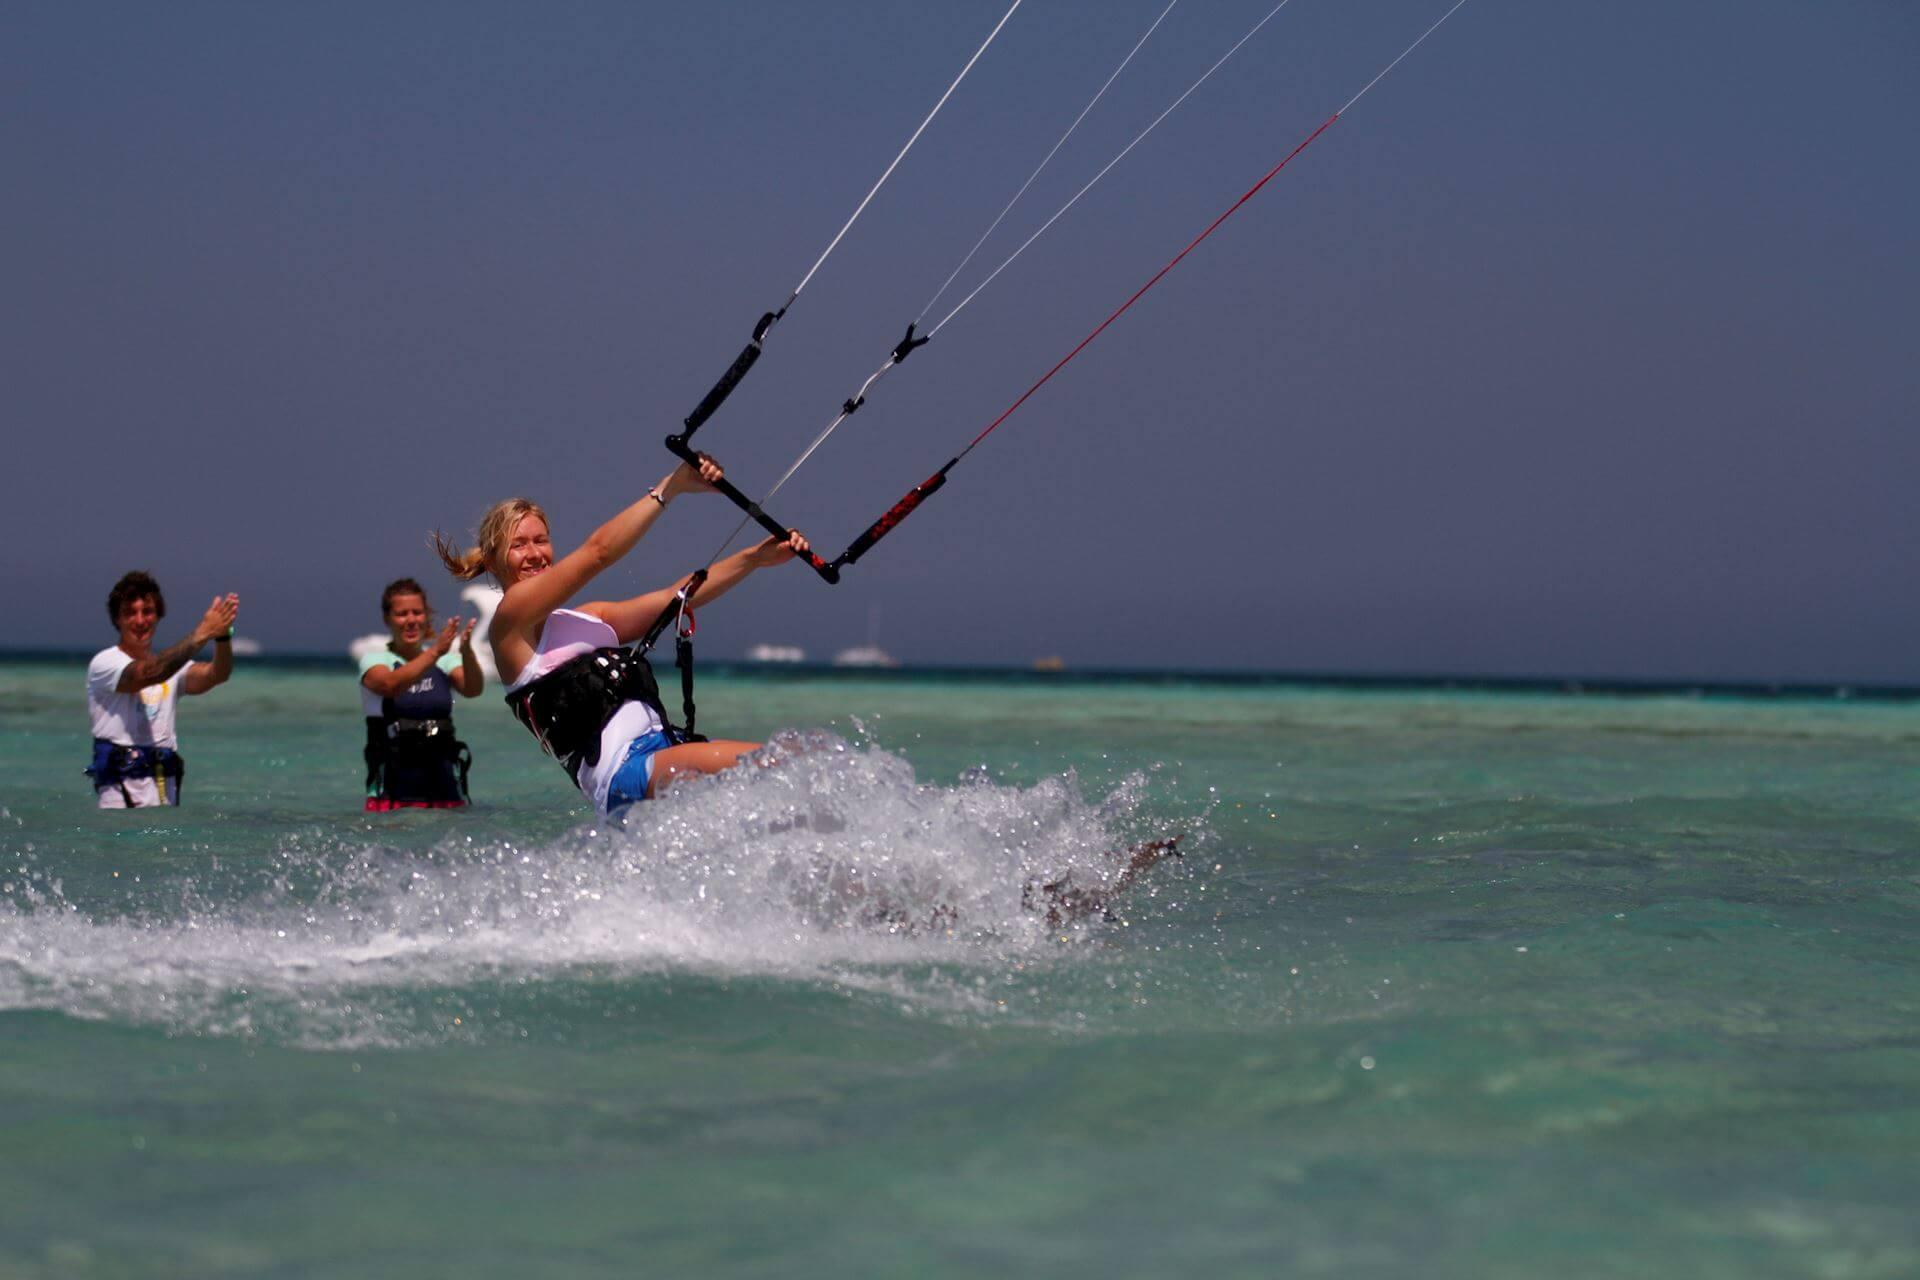 Kitesurfing lessons in El Gouda, Egypt